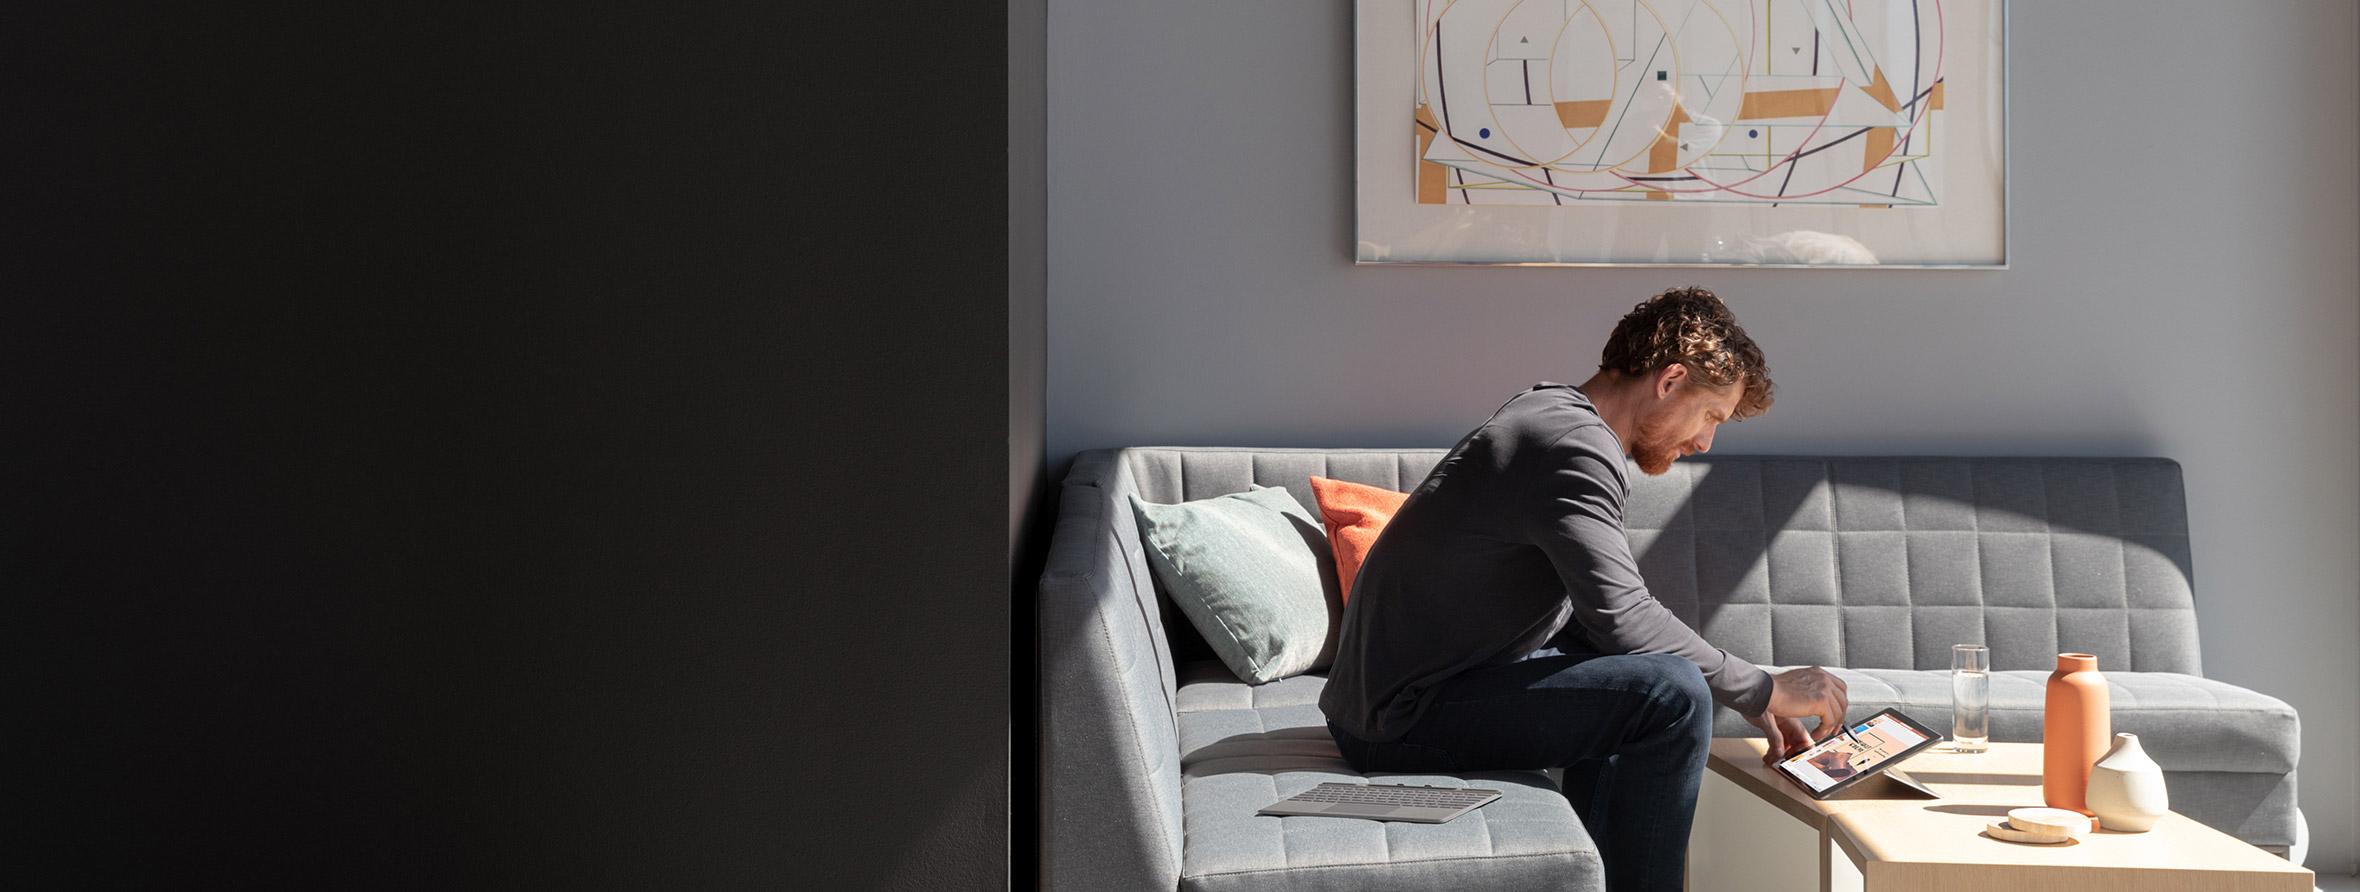 一个人坐在沙发上使用 Surface Pro X 和 Surface 超薄触控笔